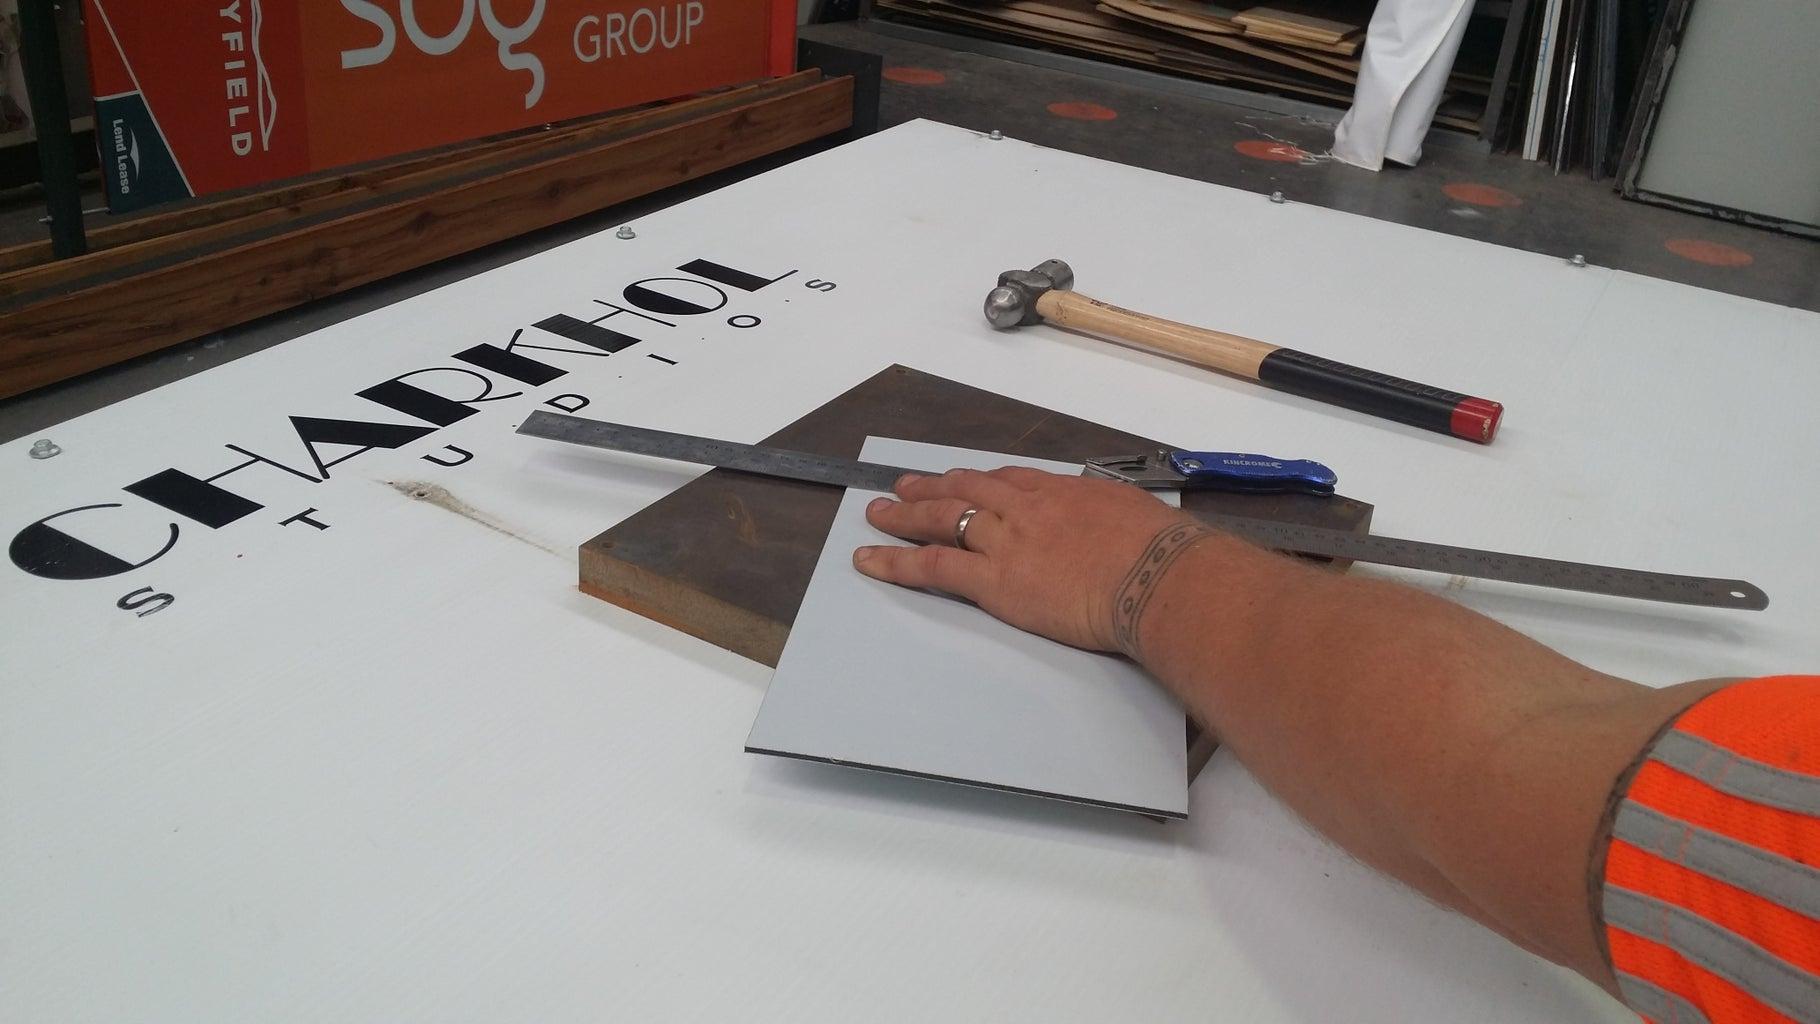 Cutting/Scoring